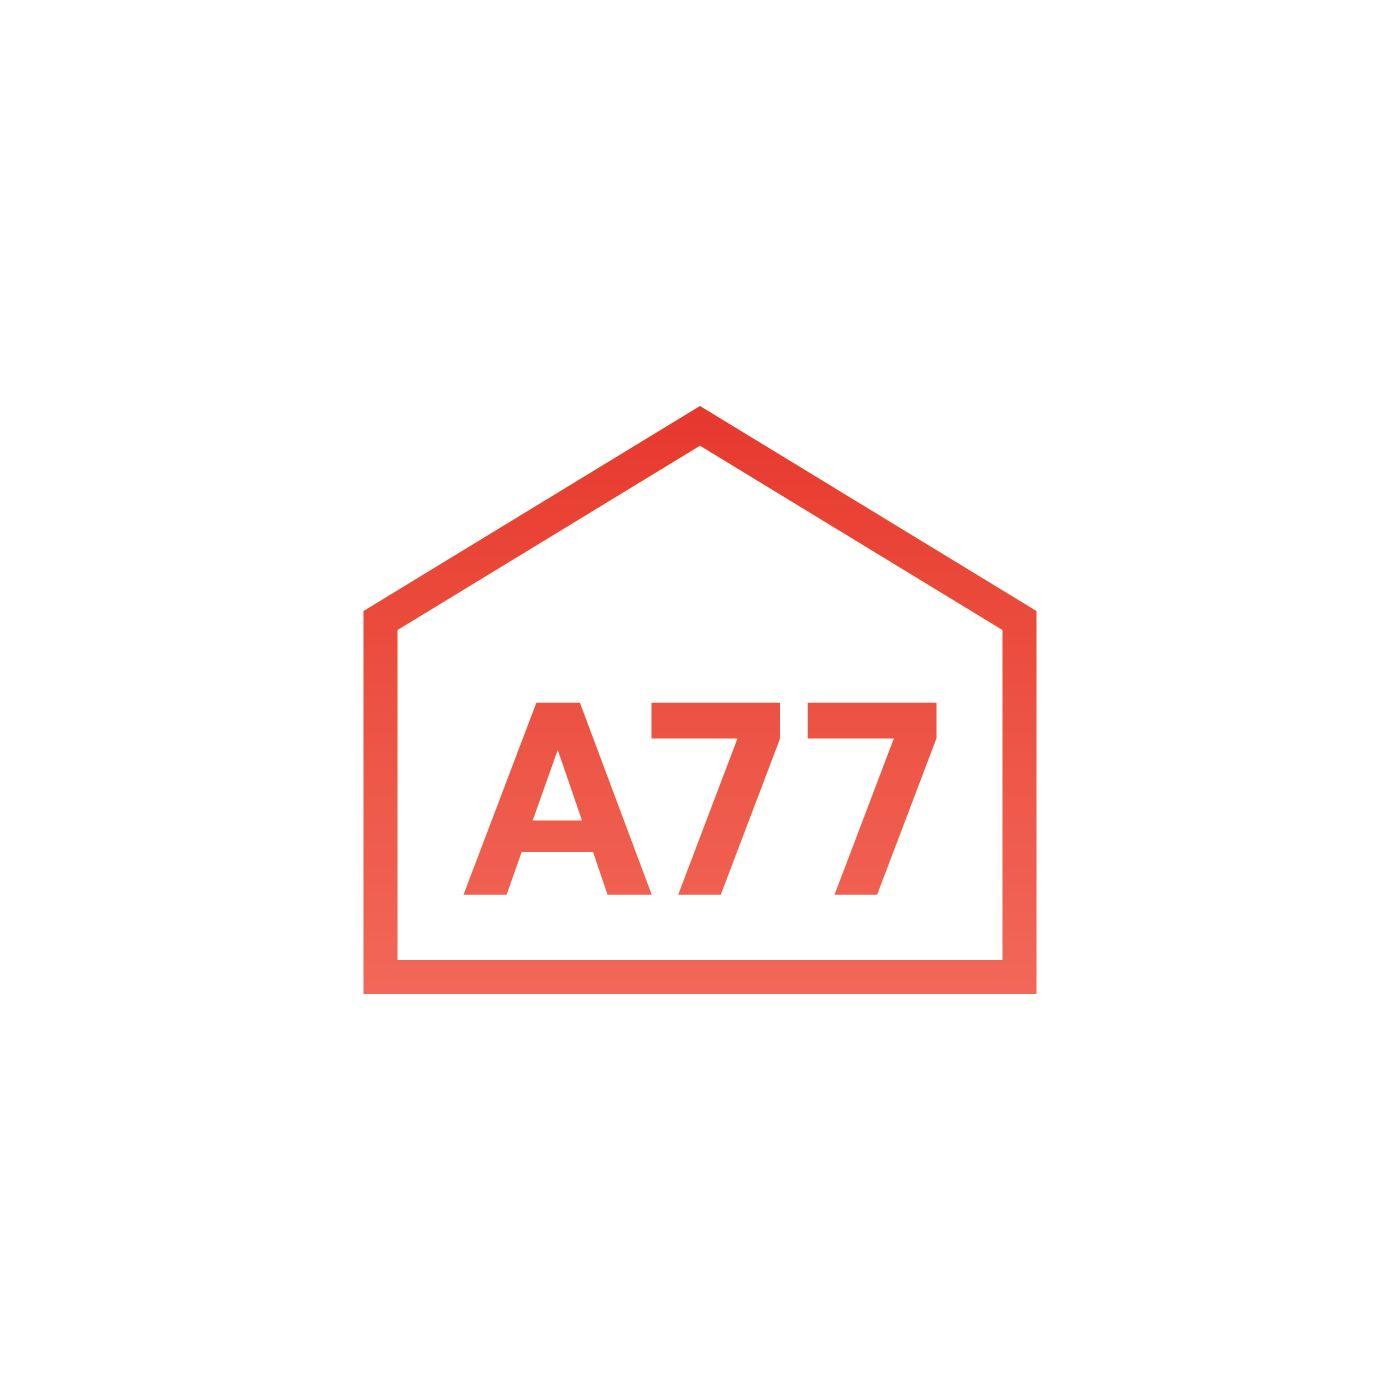 Лого для сайта по коммерческой недвижимости A77.RU - дизайнер rikozi